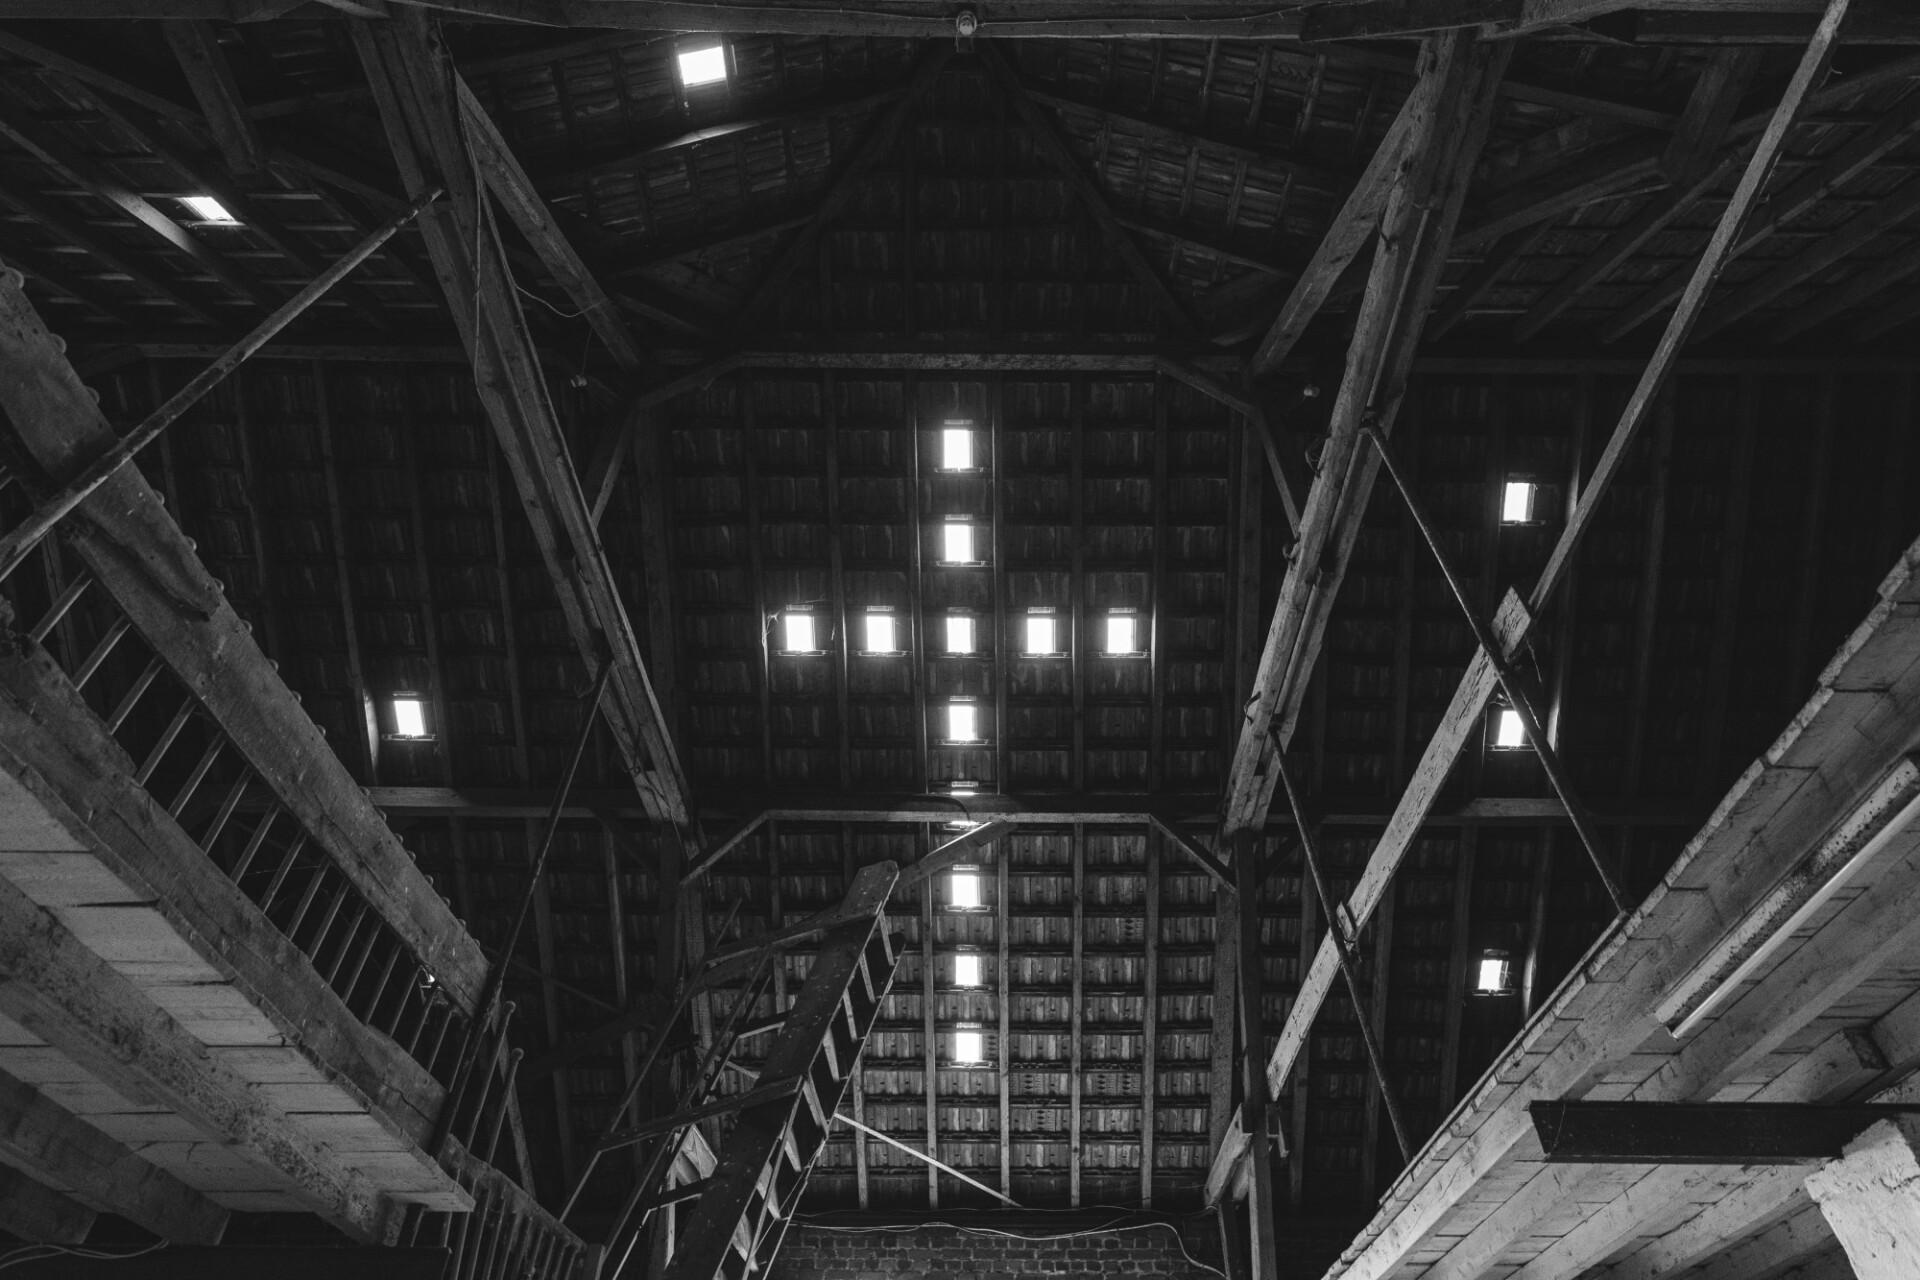 Jesus cross windows in a barn